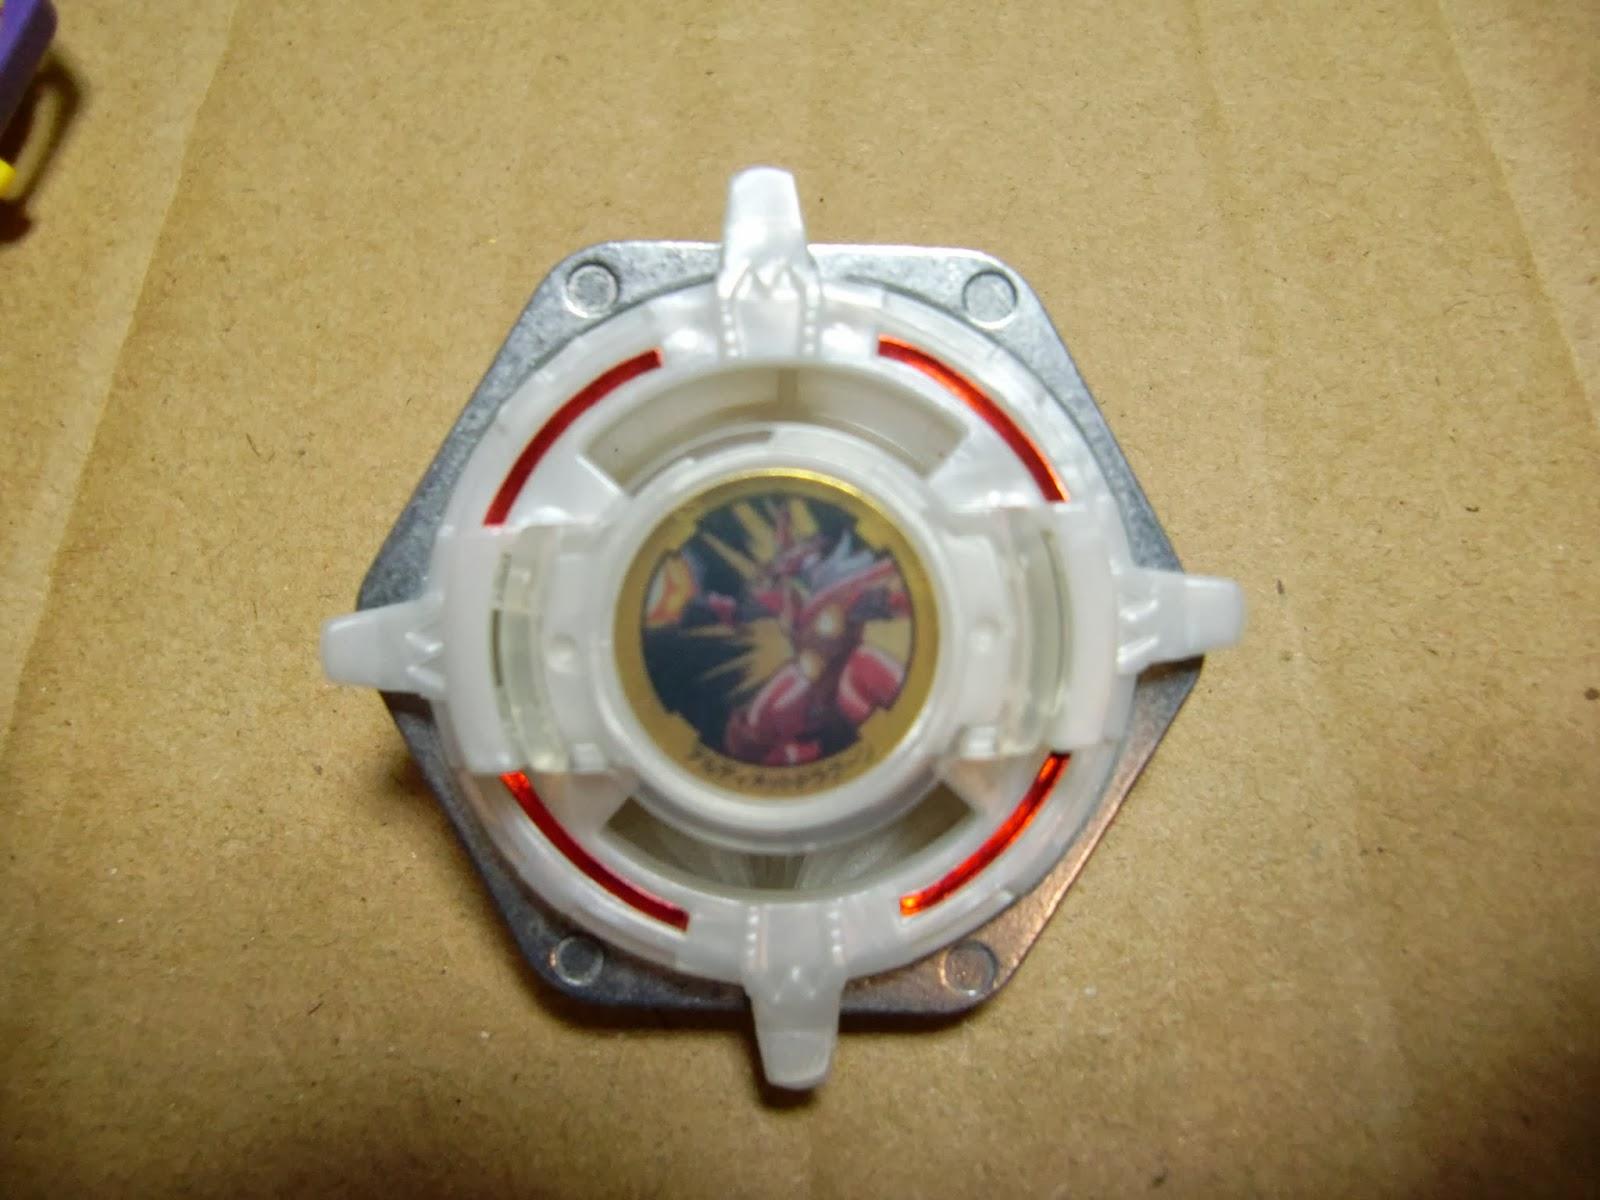 Toku Taku Toys' Beyblade Collection: 01 Ultimate Dragoon ...  Toku Taku Toys&...